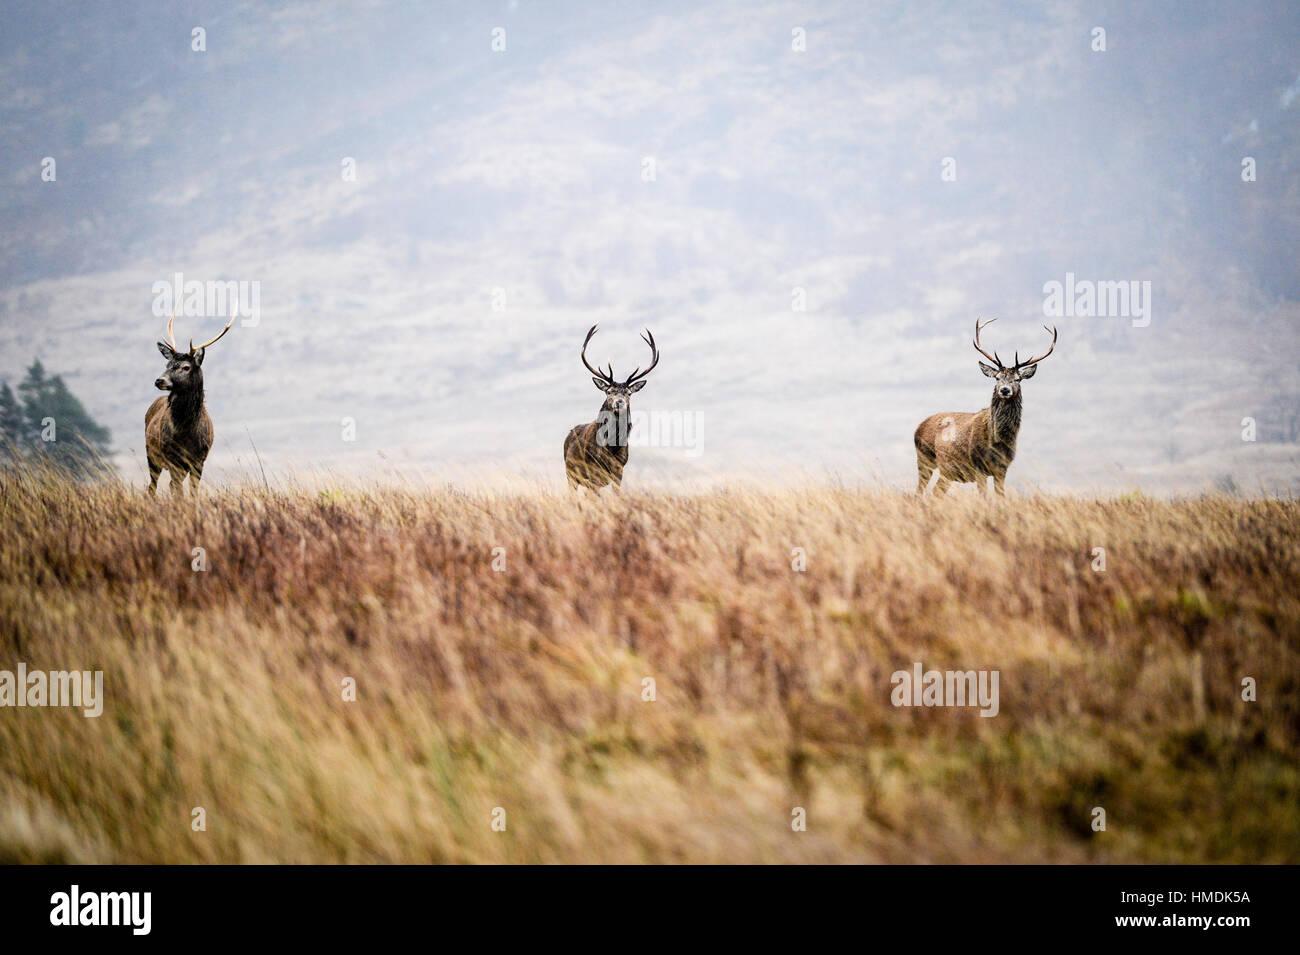 Le monarque de la Glen, trois red deer stag's monte la garde lors d'une froide journée hivers dans Photo Stock